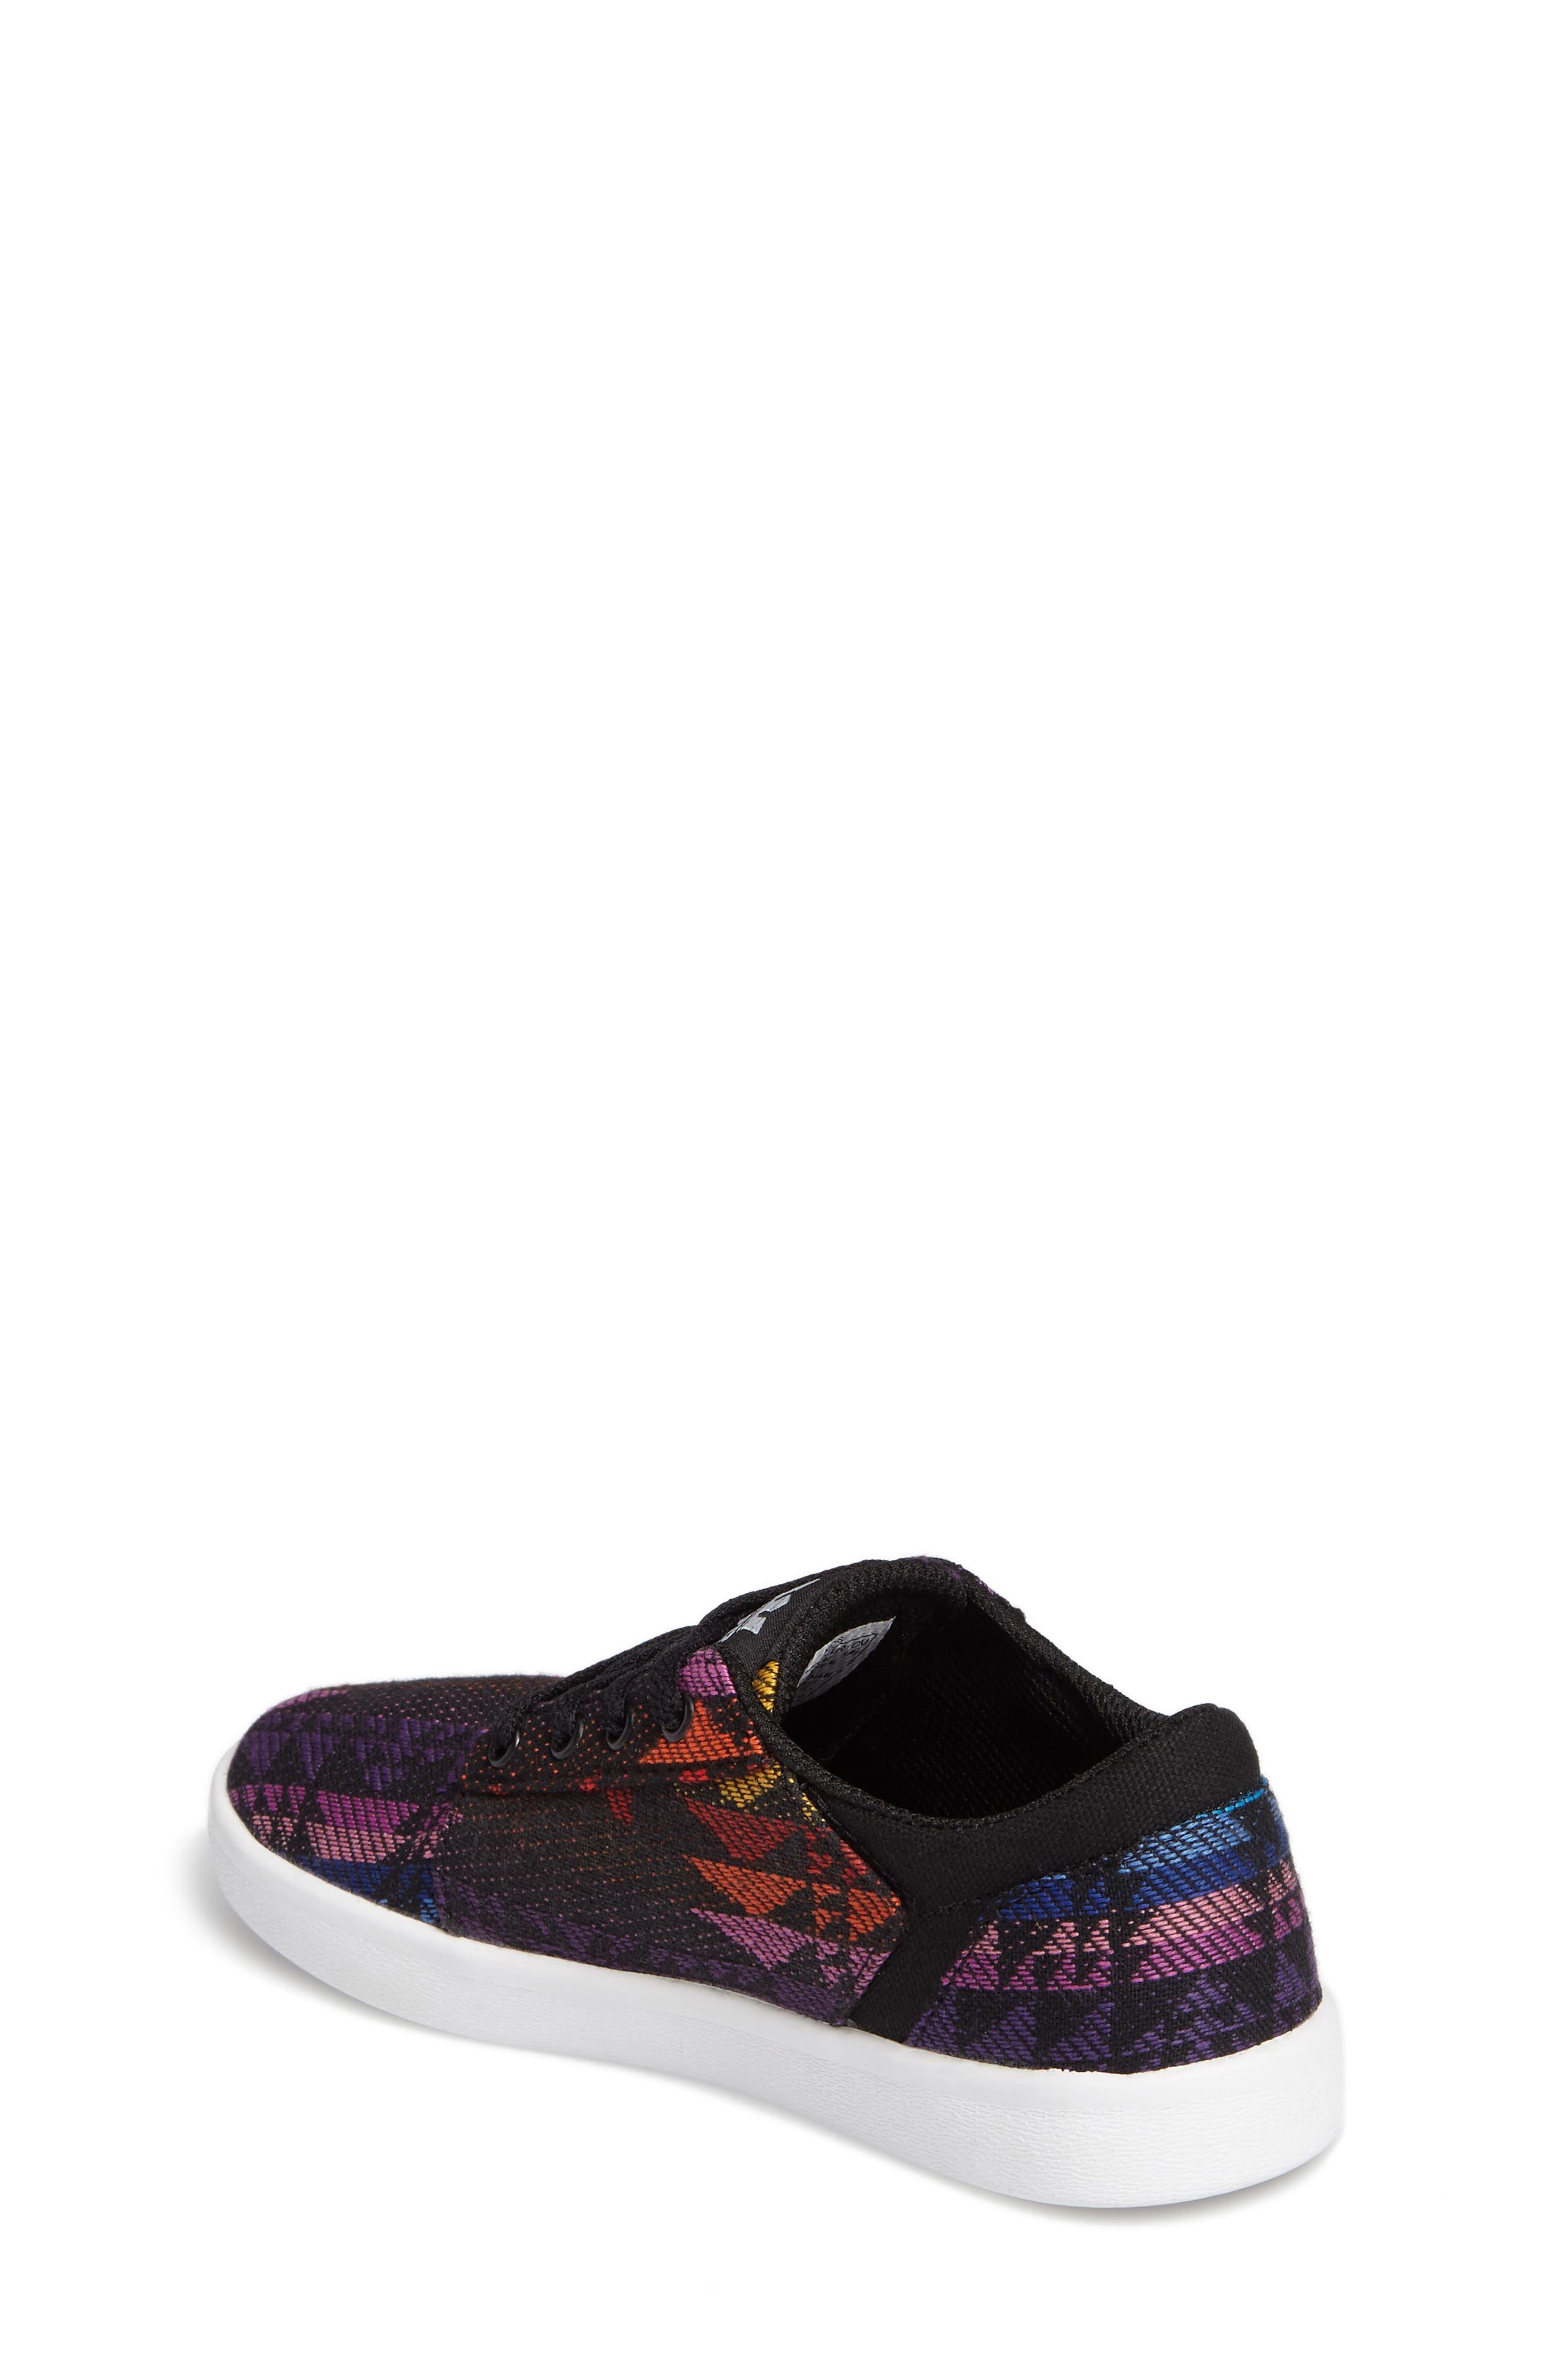 Yorek Low Top Sneaker,                             Alternate thumbnail 2, color,